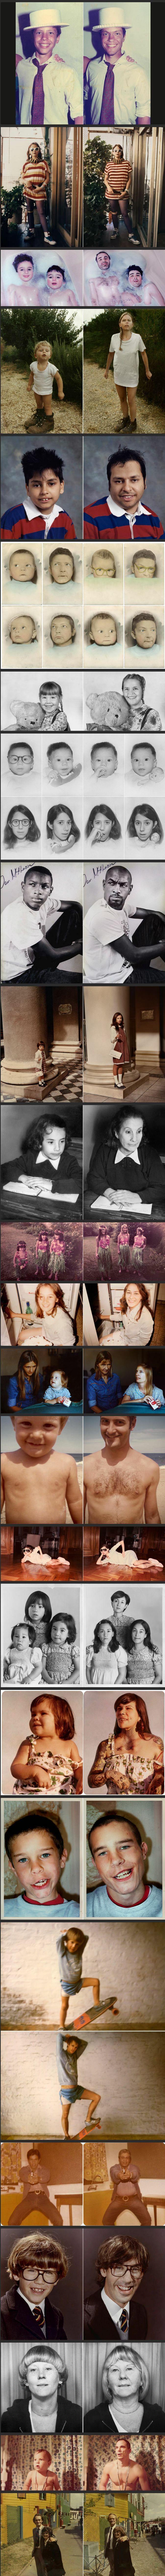 ϟ Antes e Depois - Suas fotos na infância | Nerd Pai - O Blog do Pai Nerd